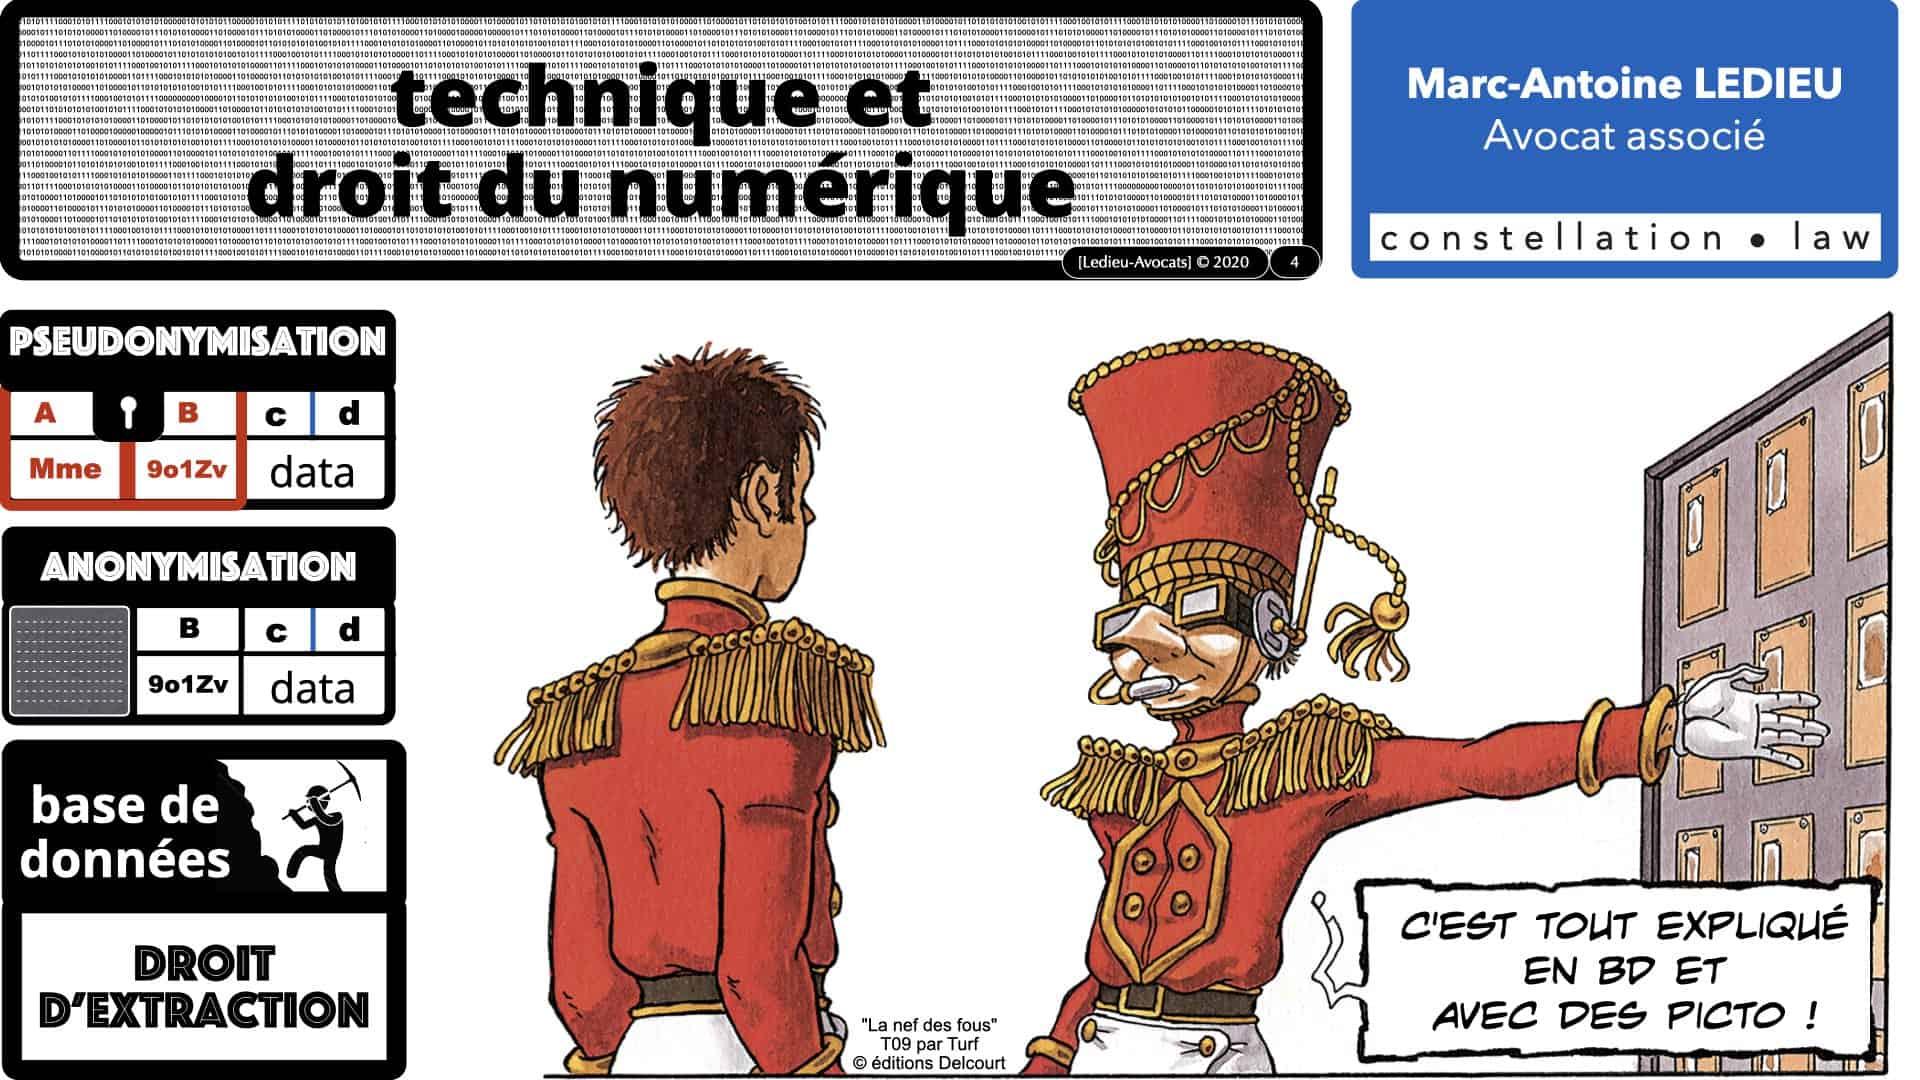 314 PRO BTP © Ledieu-avocat 03-12-2020.004